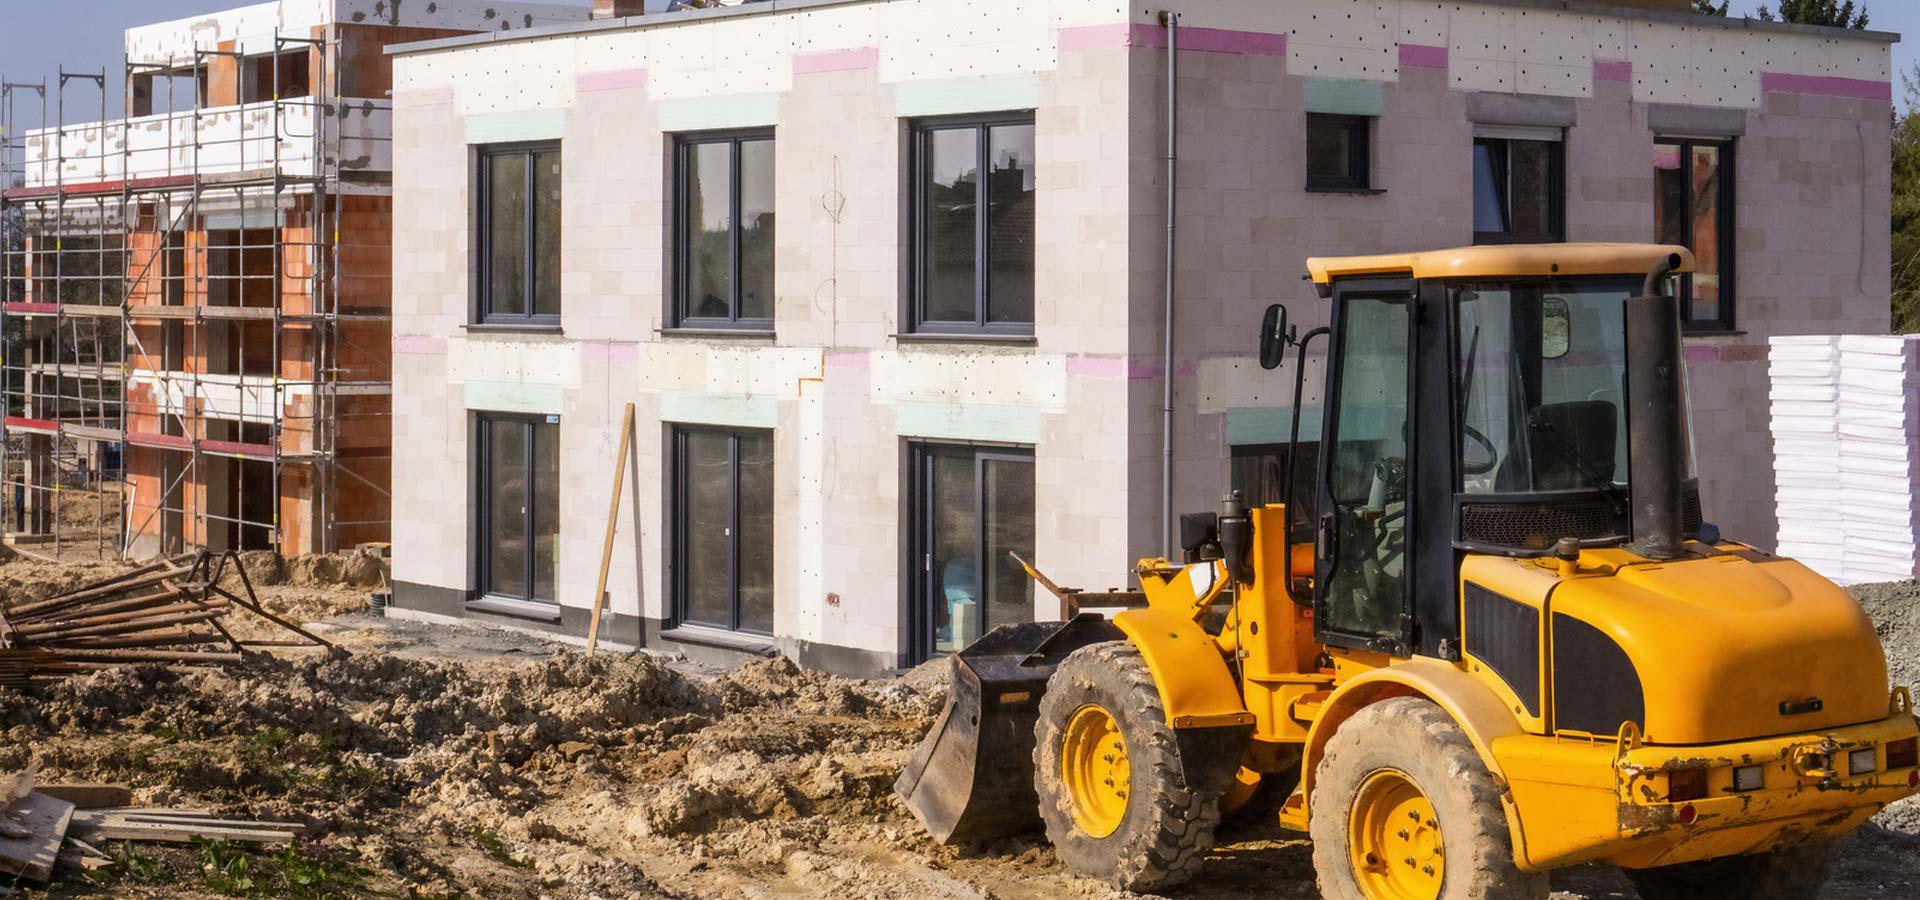 Bad Homburg Handwerk: Heizung, Sanitär, Dachdecker und Elektriker